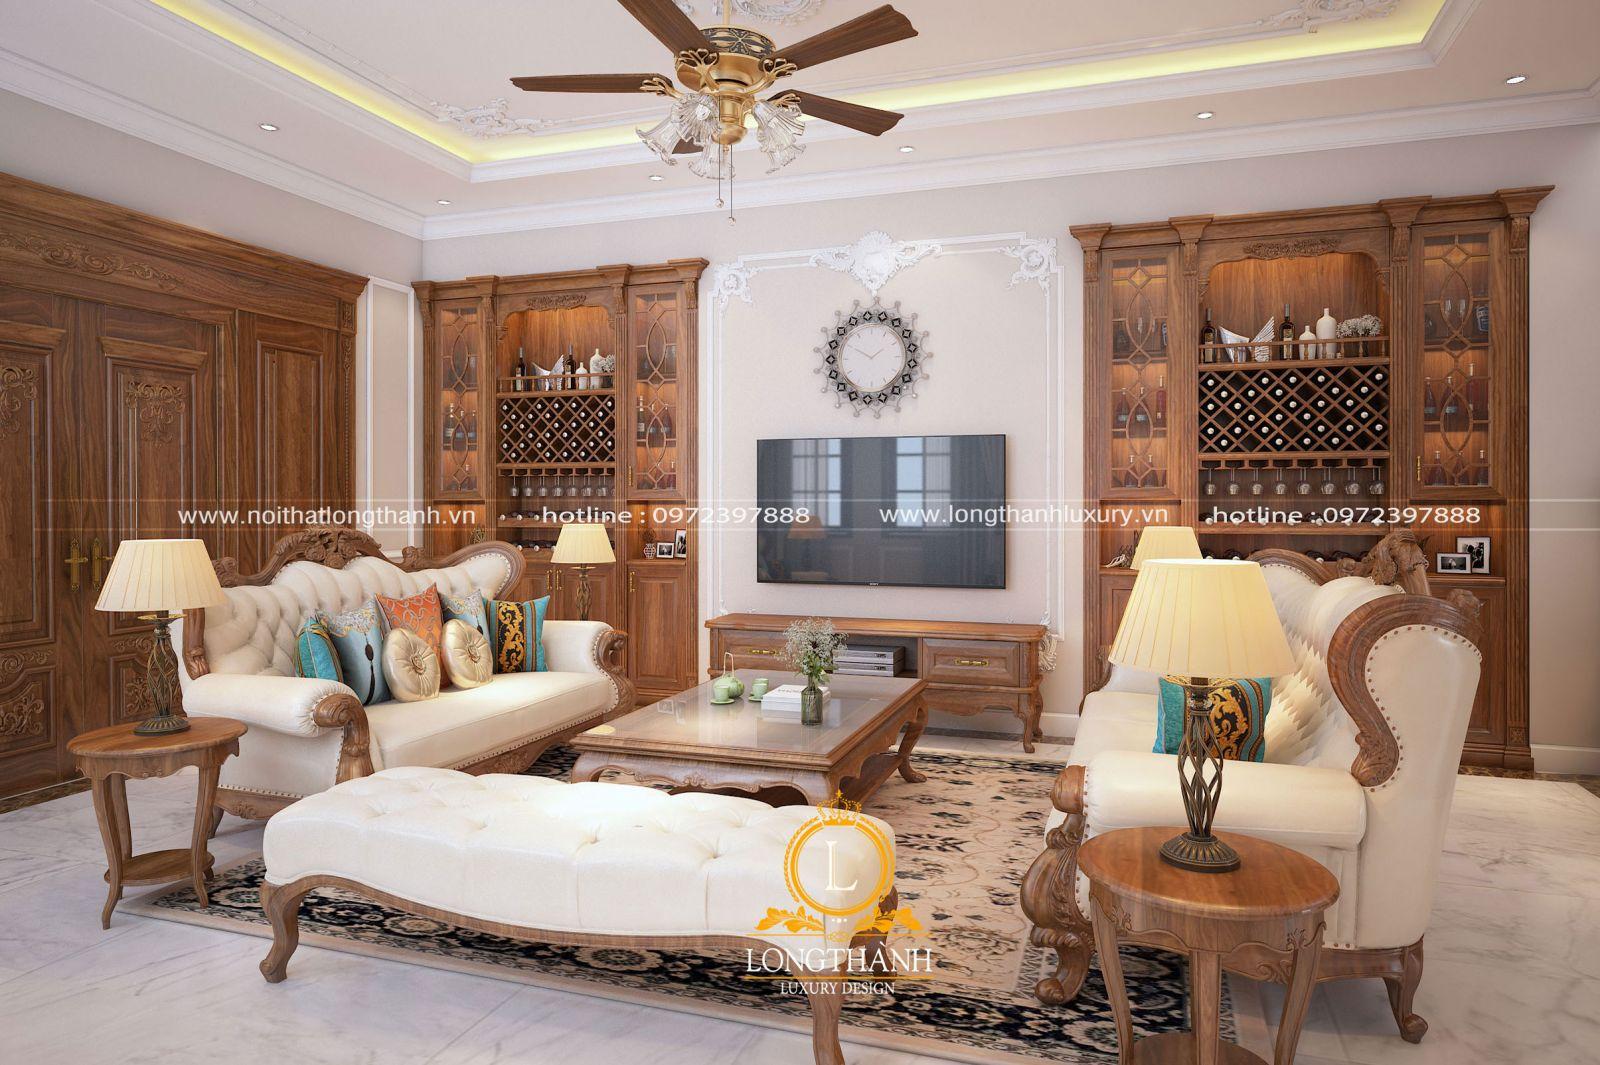 Tủ rượu sang trọng cho phòng khách tân cổ điển hiện đại